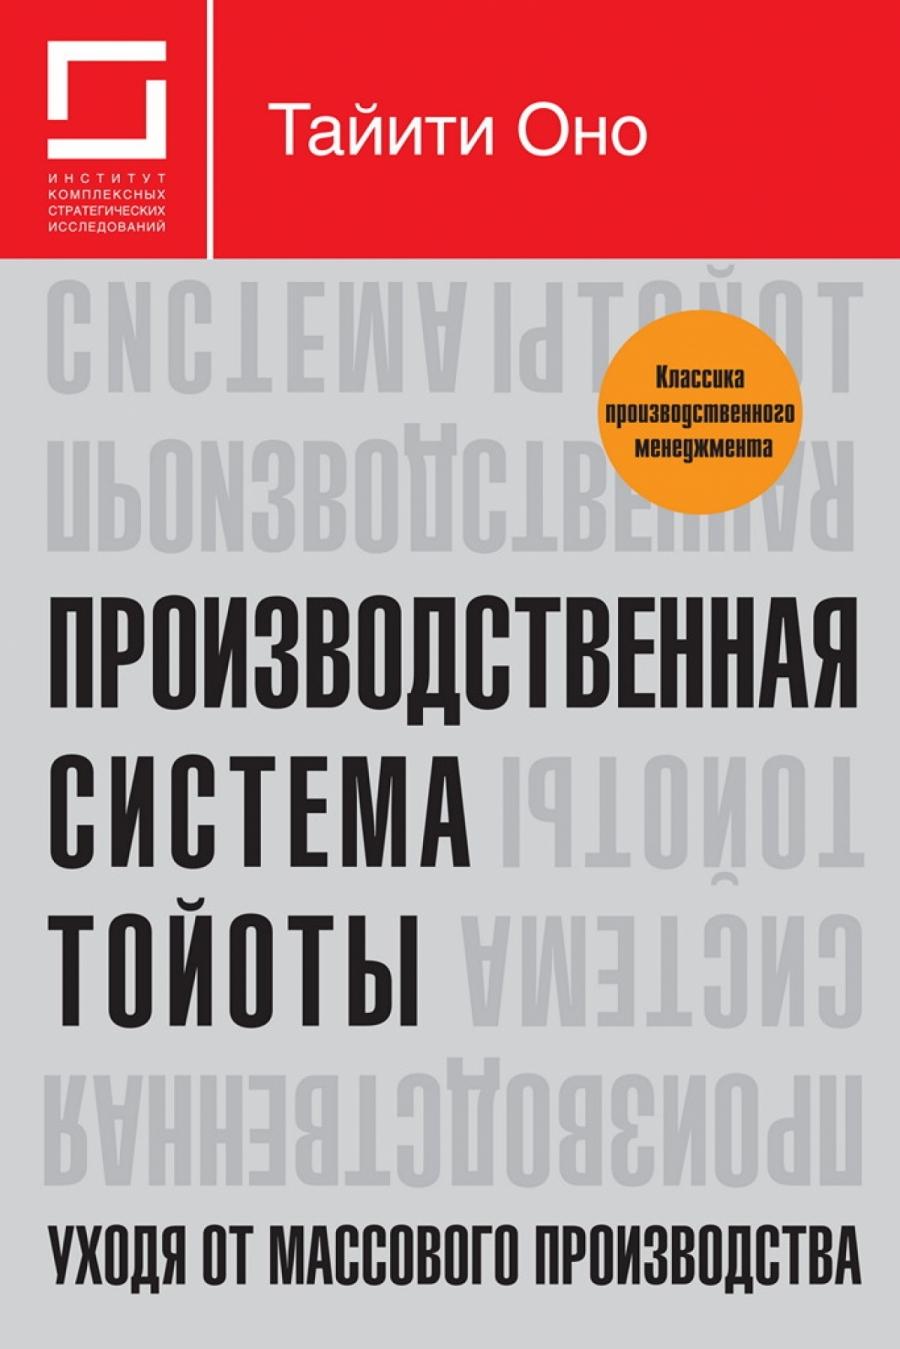 Обложка книги:  тайити оно - производственная система toйоты. уходя от массового производства